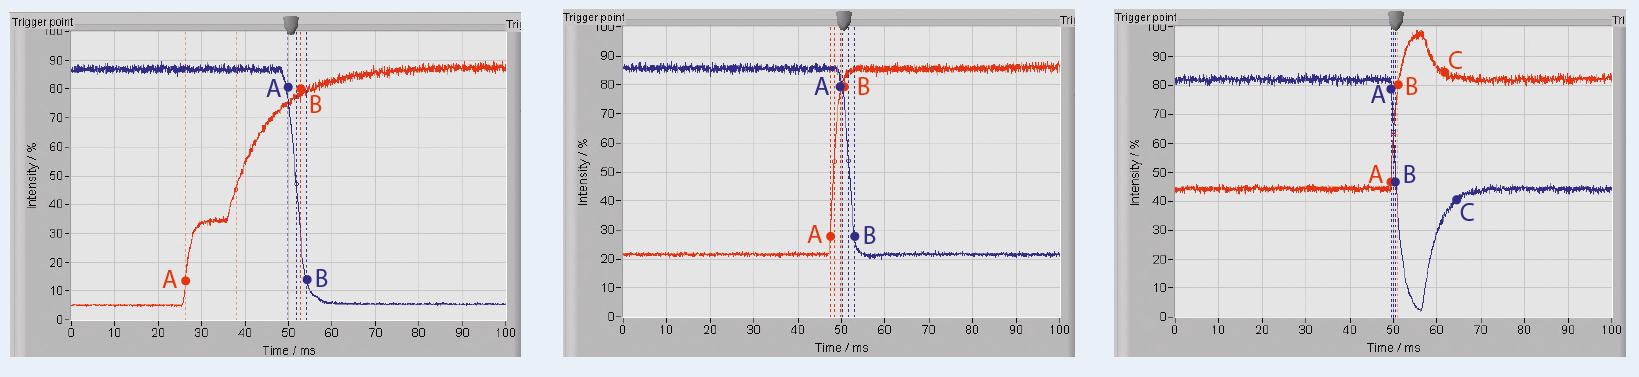 snelle monitor thuis kantoor test review IPS VA TN panel schakeltijden meting meetmethode